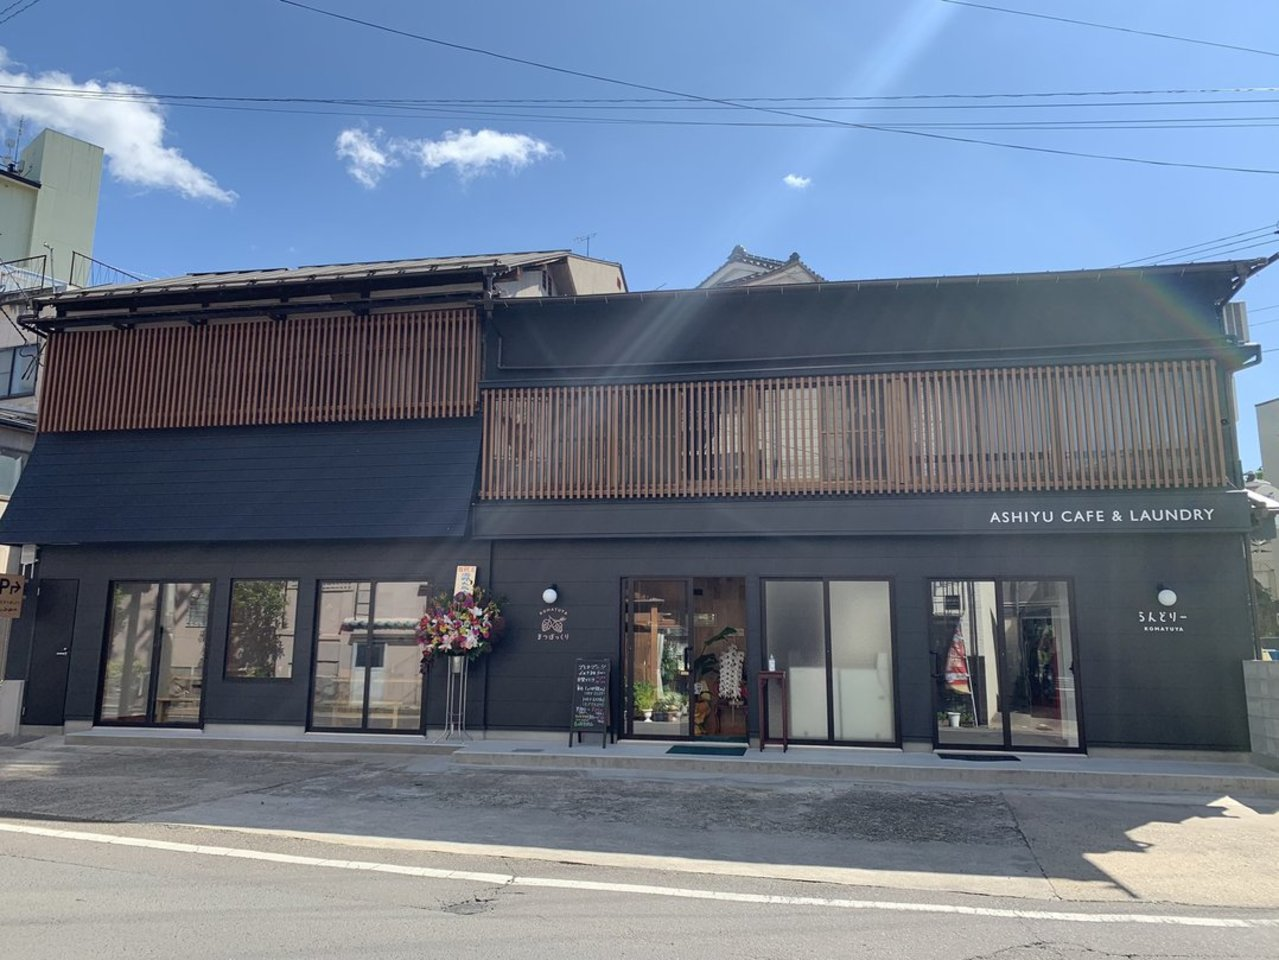 福島市飯坂町湯野字湯ノ上に「足湯カフェまつぼっくり」が6/7.8プレオープンをされているようです。